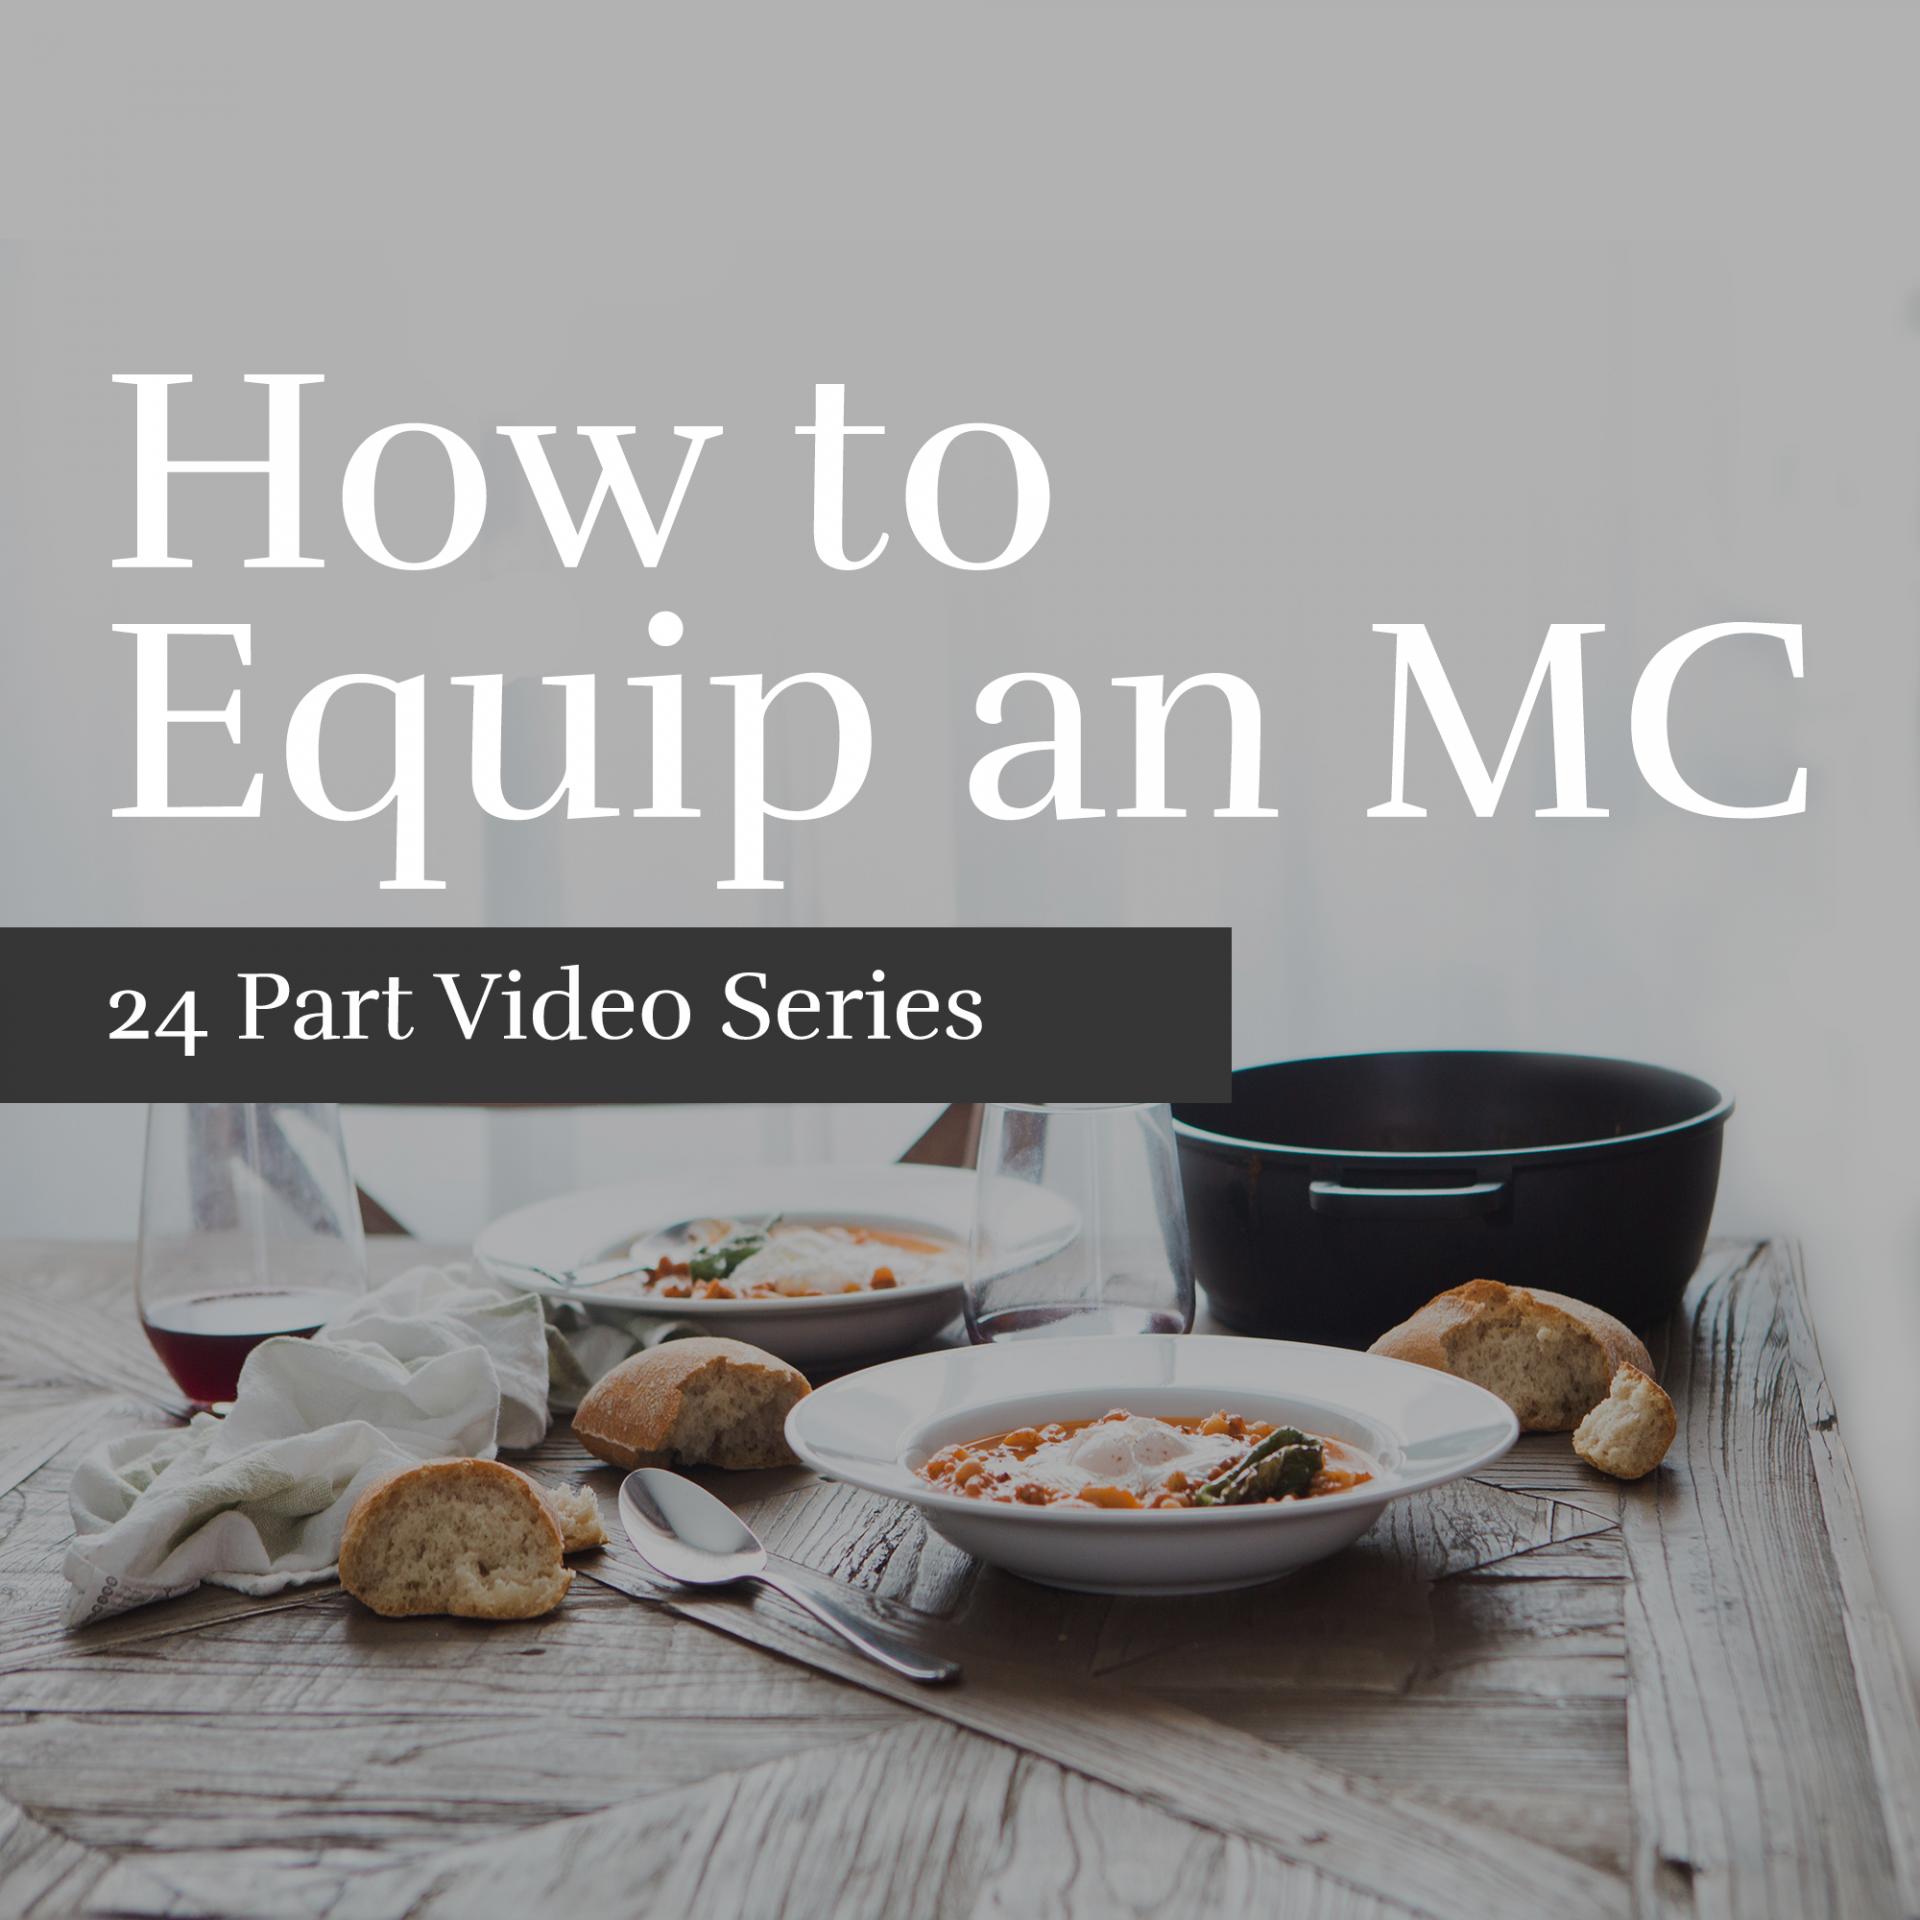 Equip an MC Video Series